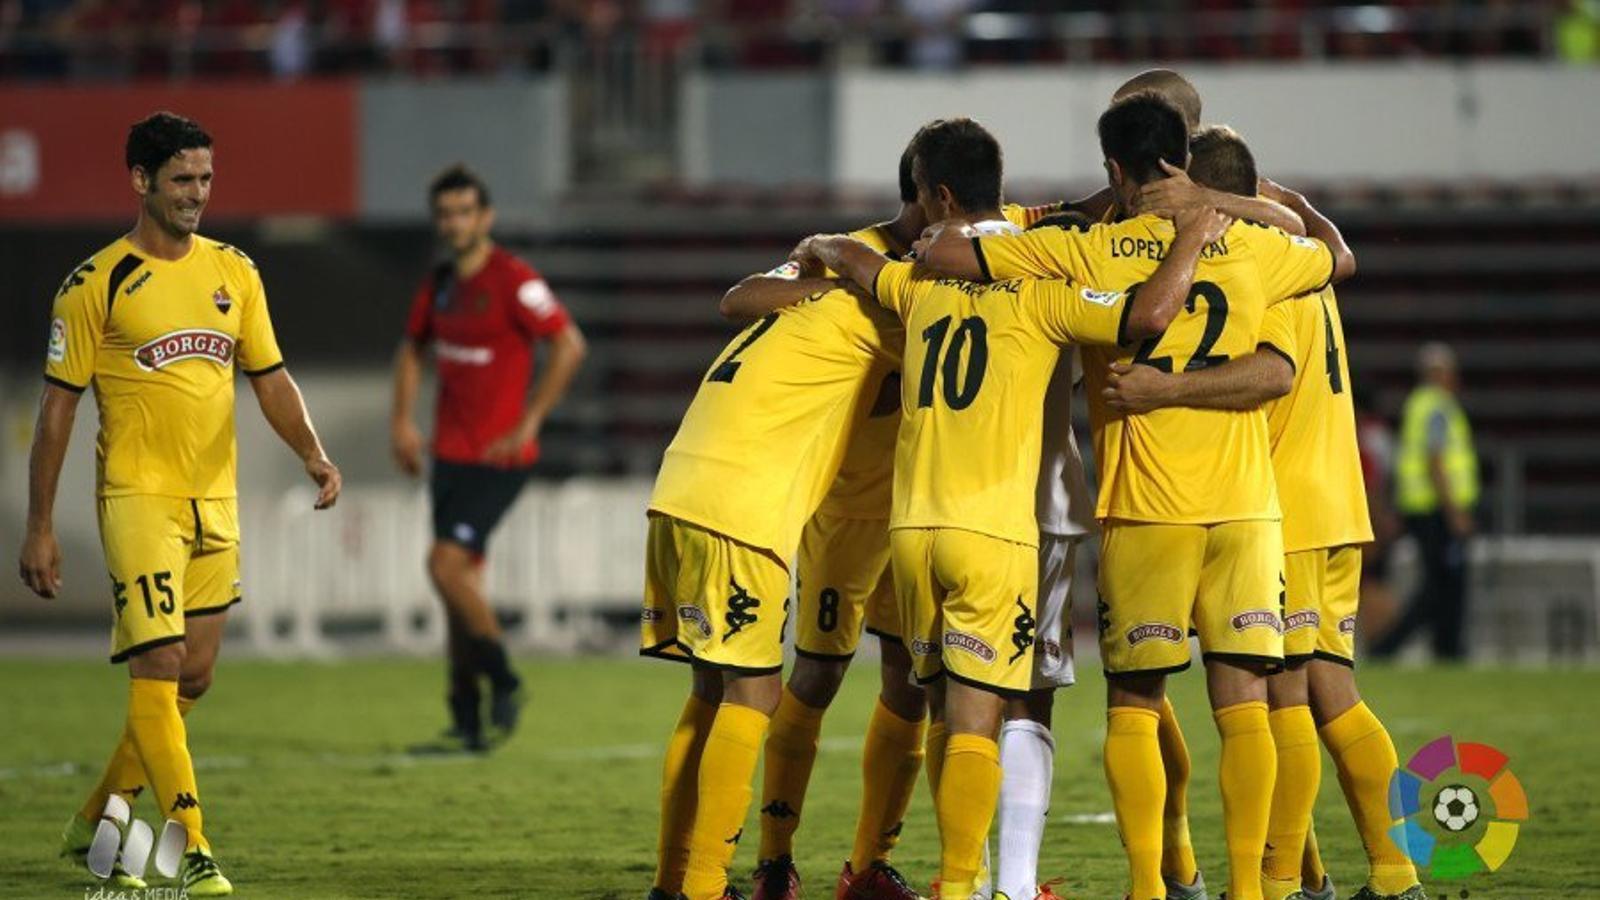 El Reus s'estrena a segona amb un triomf agònic al camp del Mallorca (0-1)